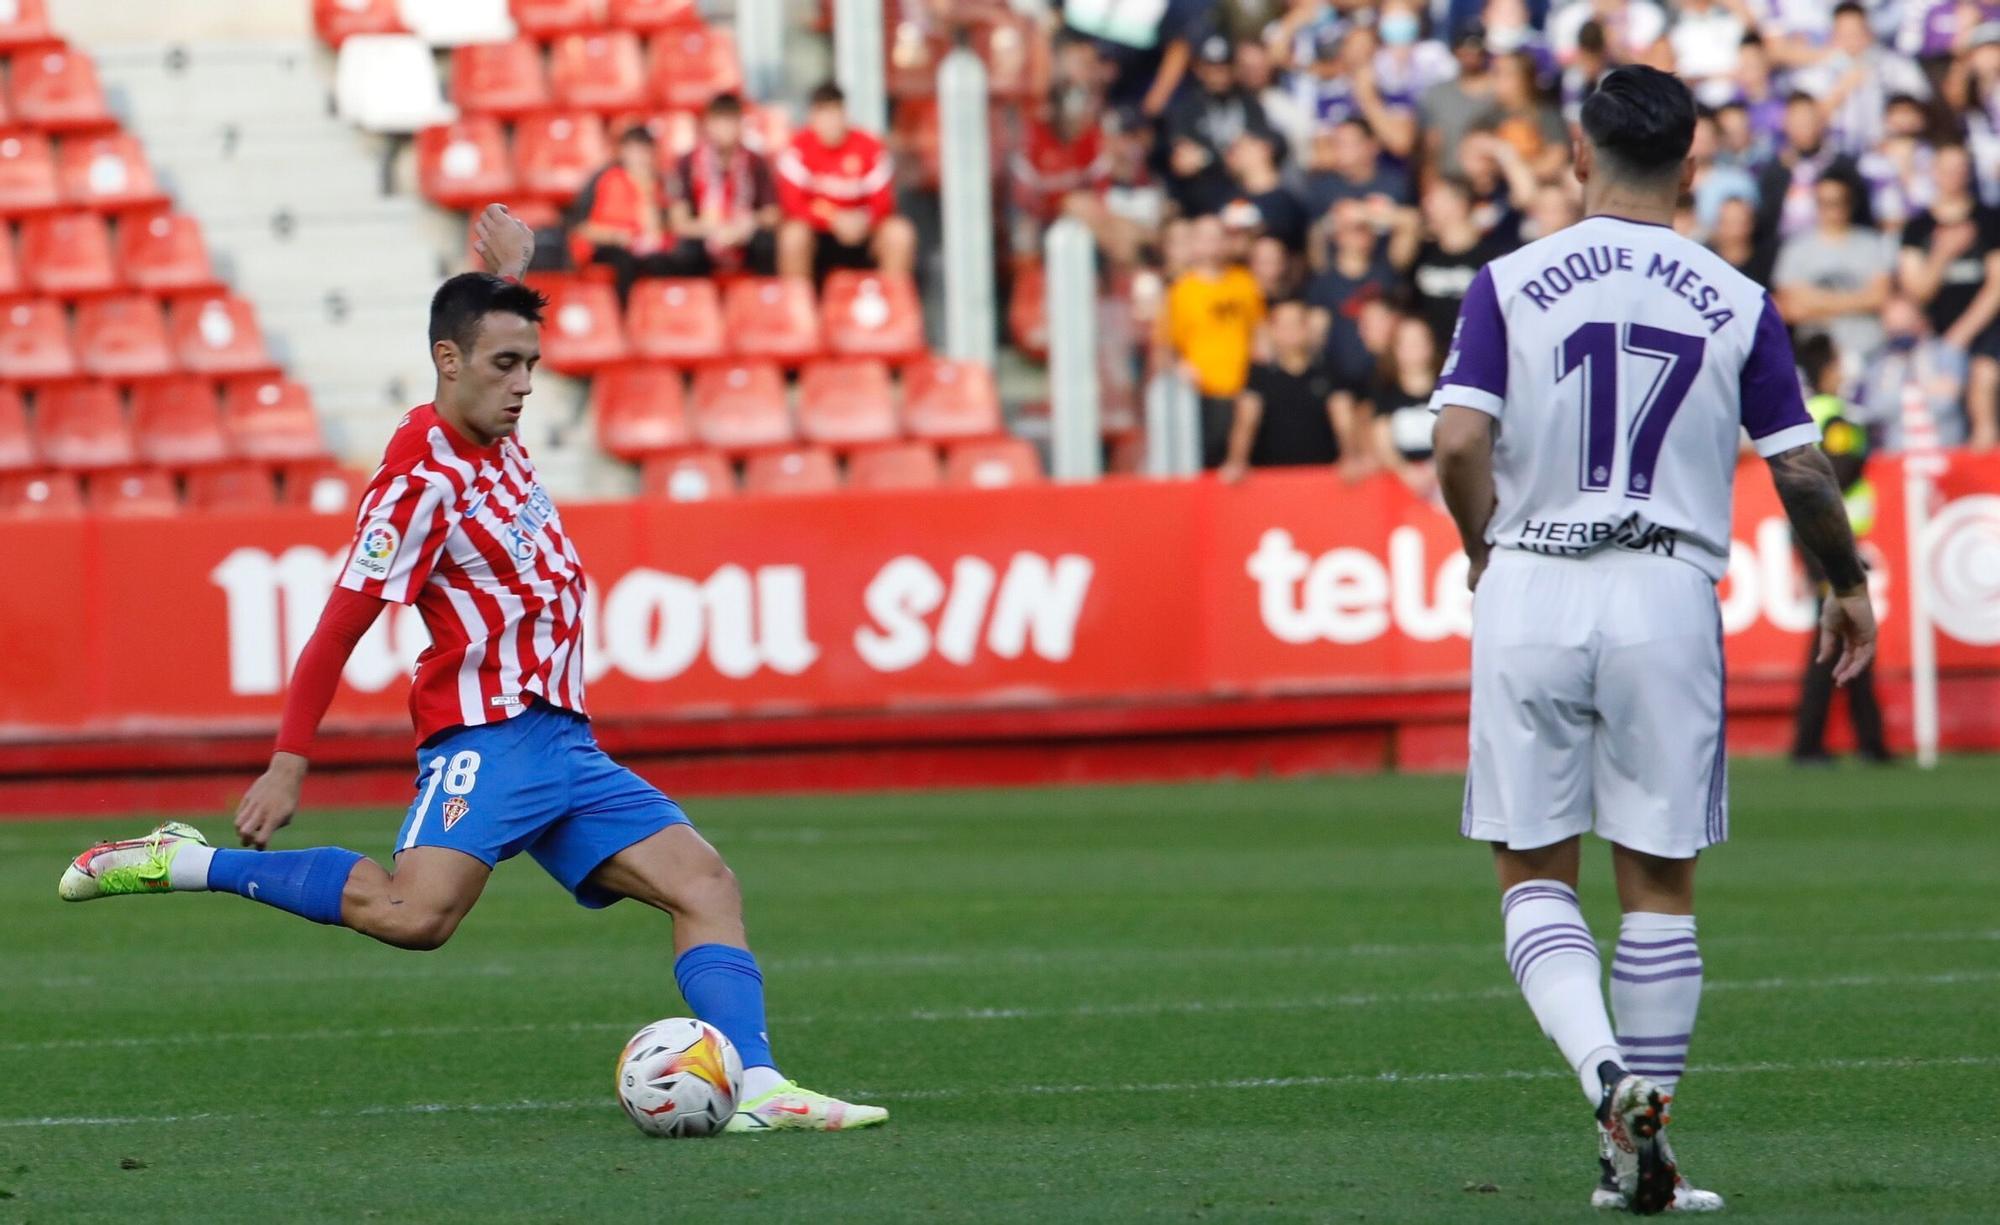 Sporting - Valladolid, en imágenes